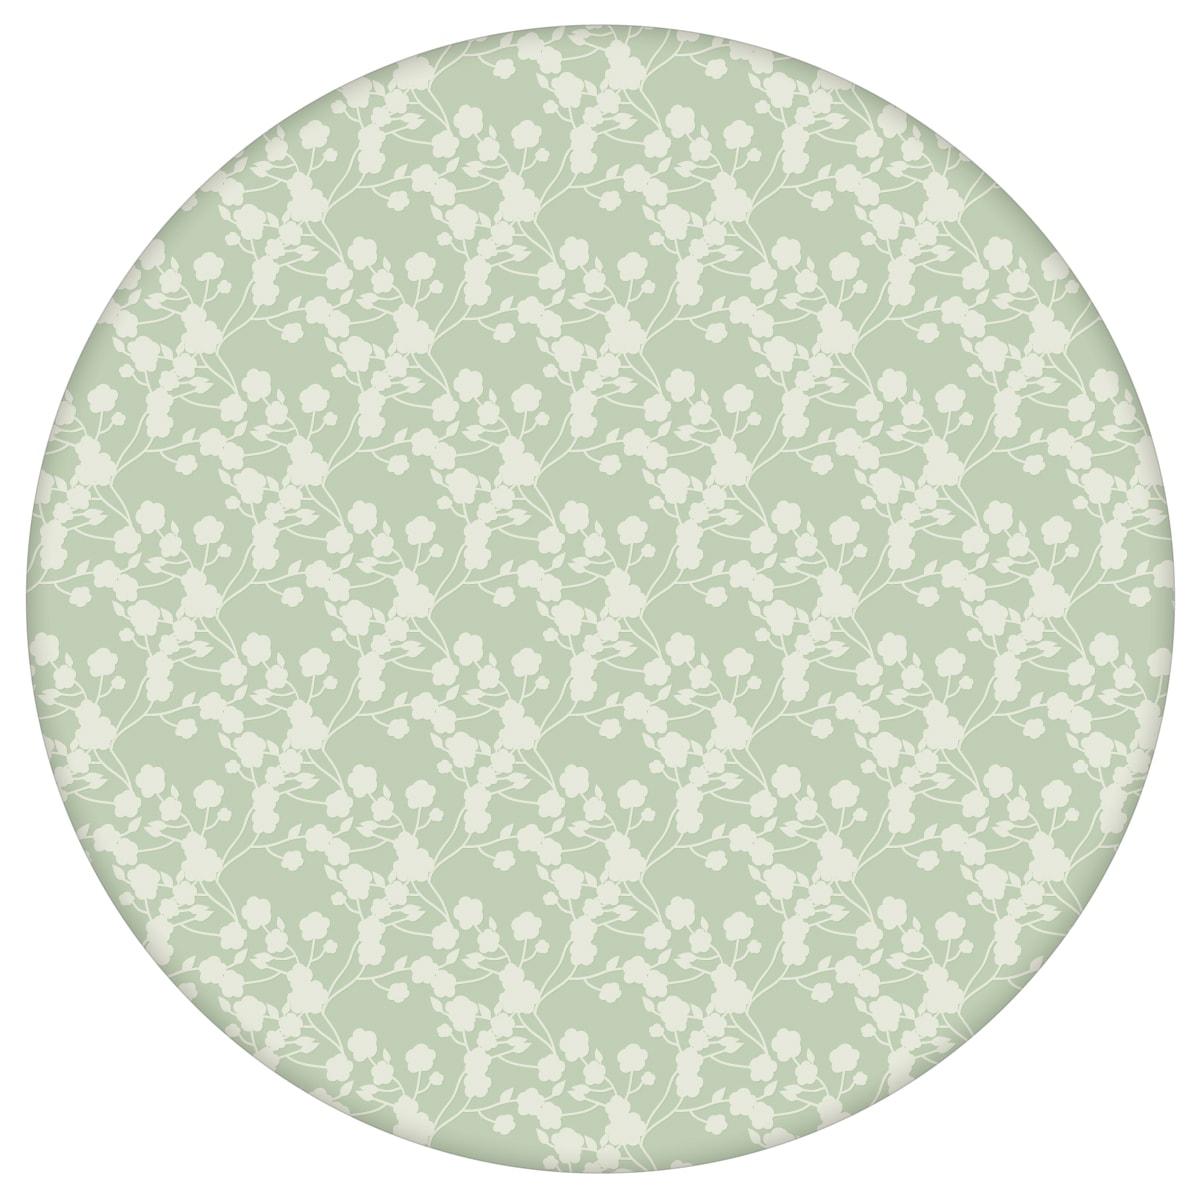 """Blüten Dolden Tapete """"Sensaina"""", grüne Vlies Tapete Blumen, delikate, leichte Blumentapete für Flur, Büro 3"""